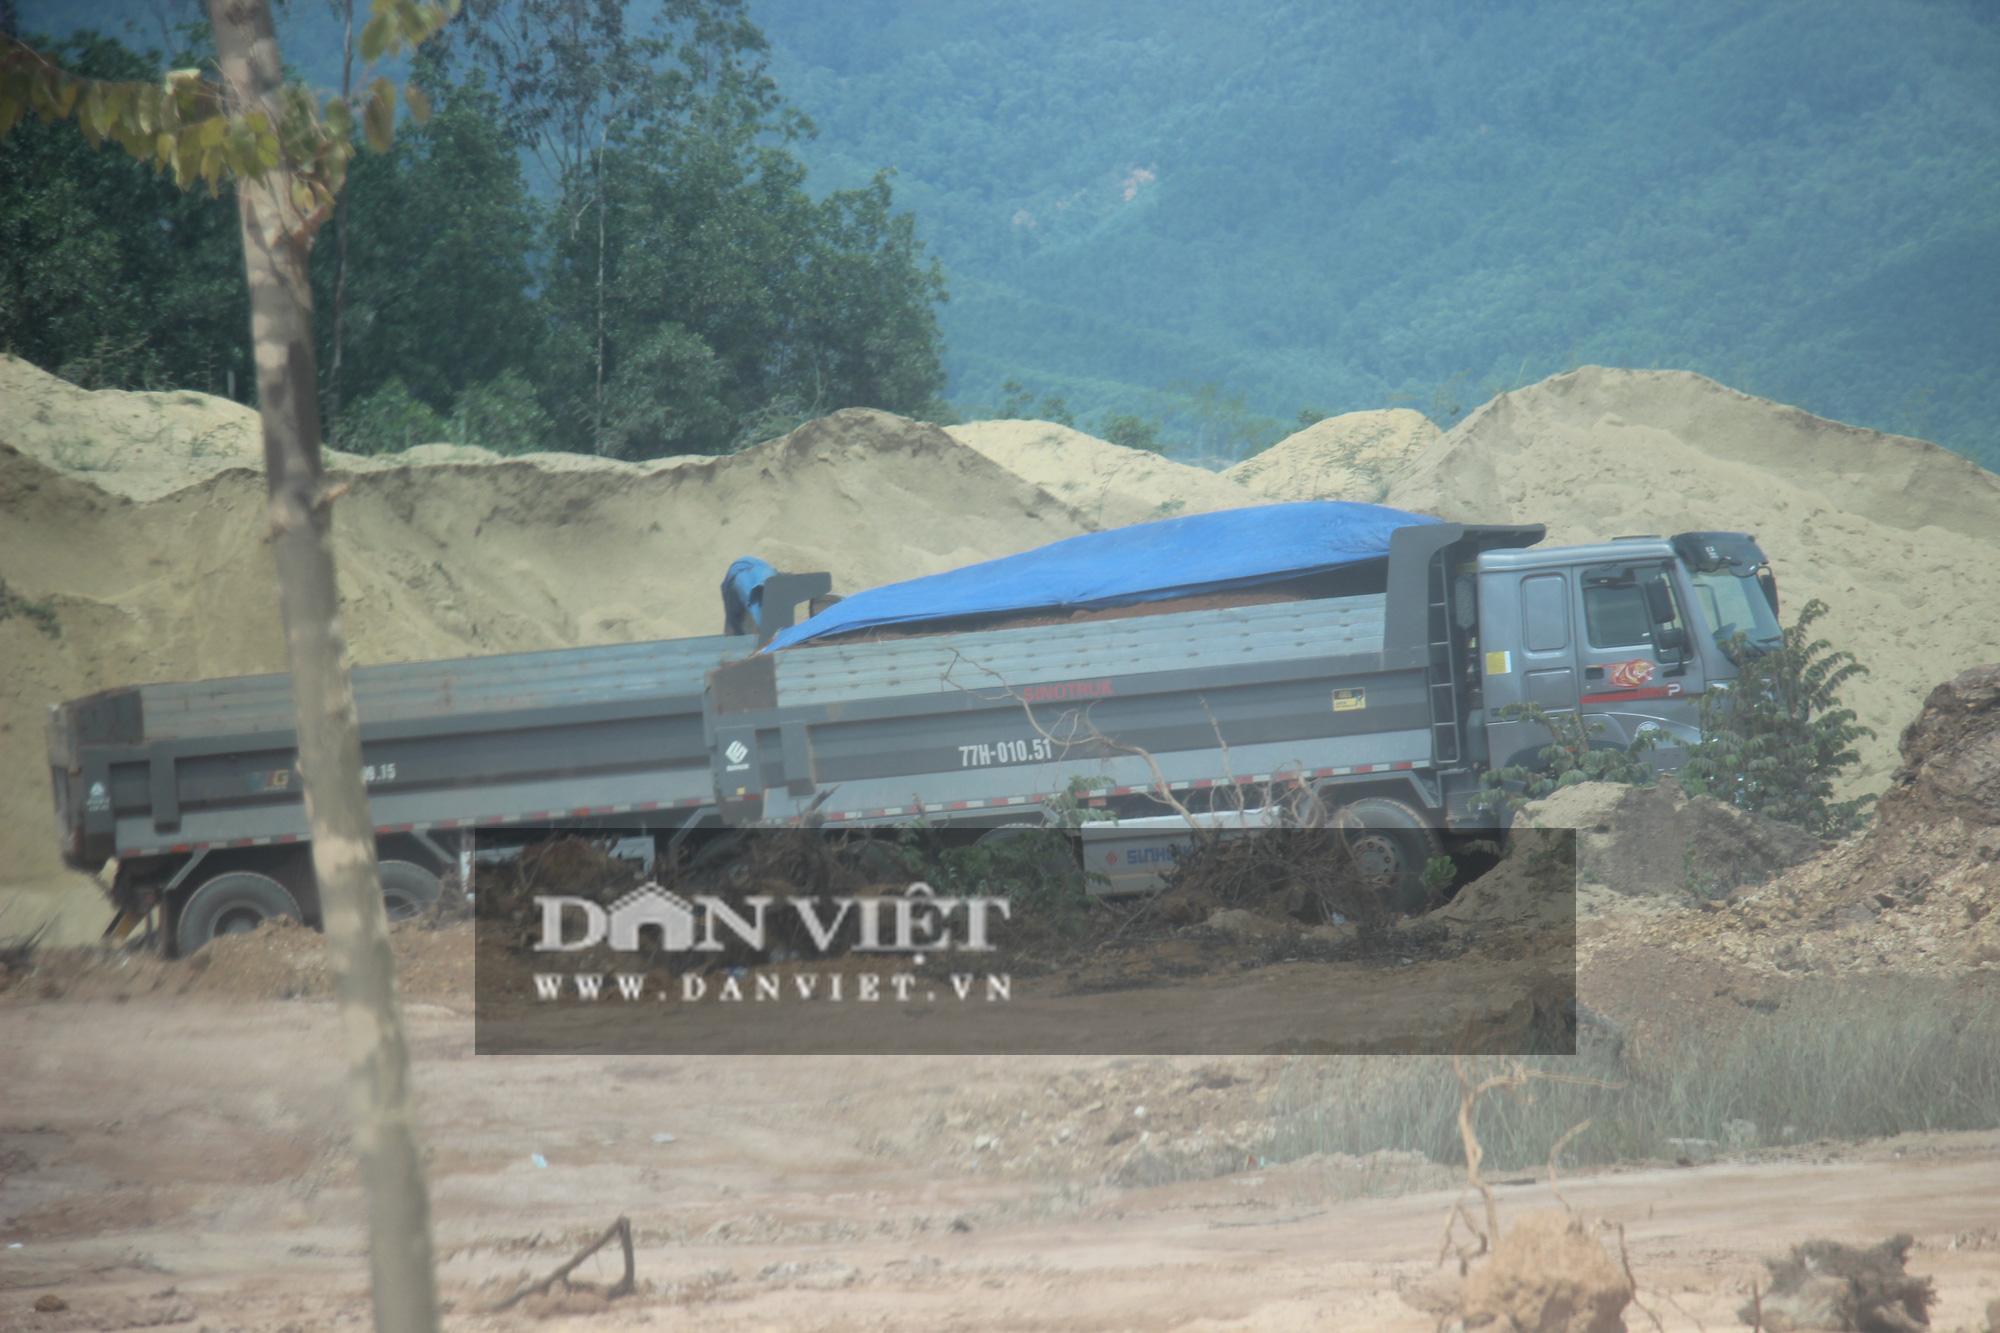 """Đoàn xe hổ vồ logo Bá Sanh Đường """"tung hoành"""" ở Thị xã Hoài Nhơn: Chẳng lẽ """"bó tay""""? - Ảnh 6."""